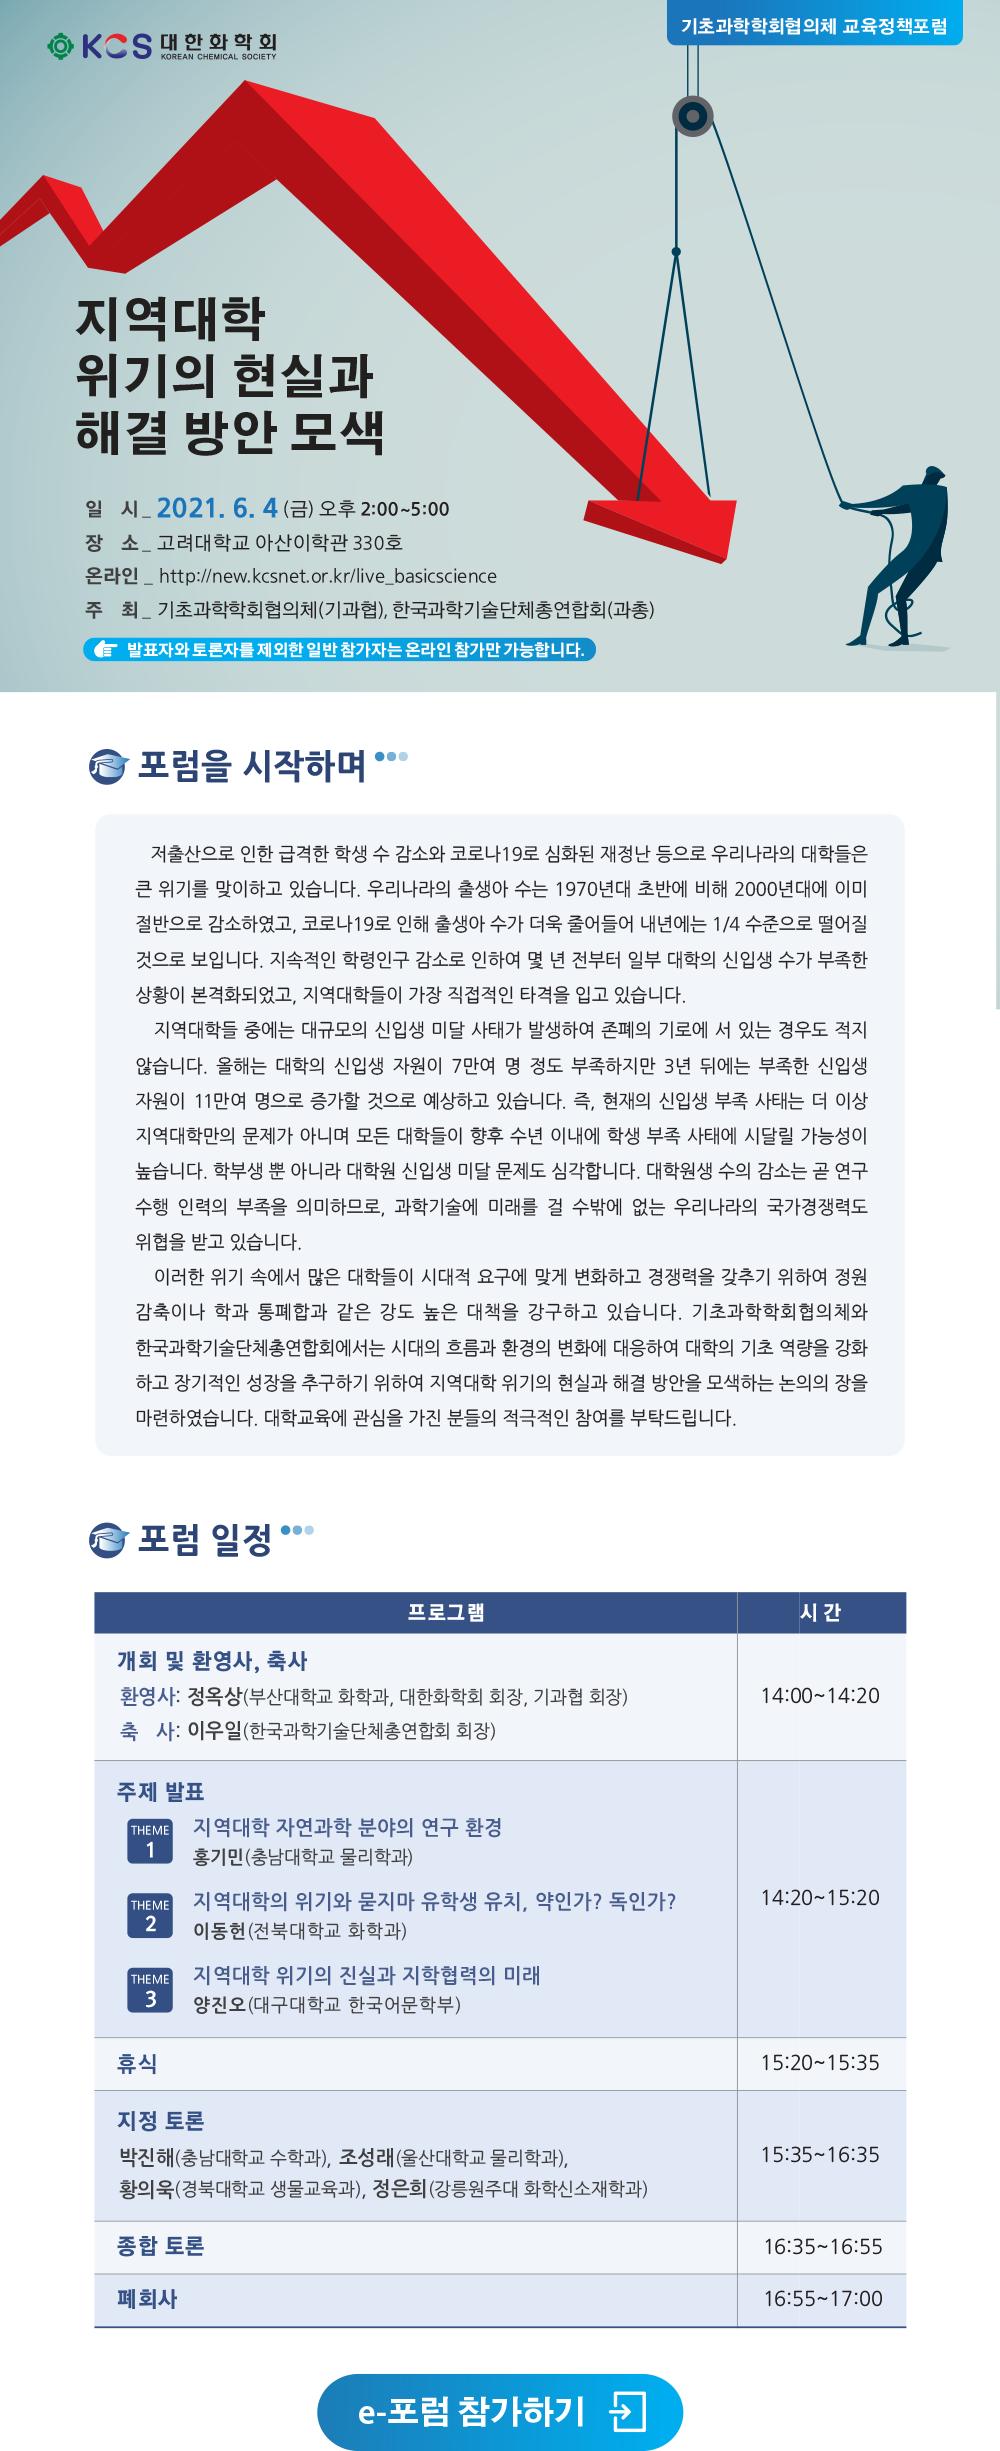 기과협-교육정책포럼_안내.png